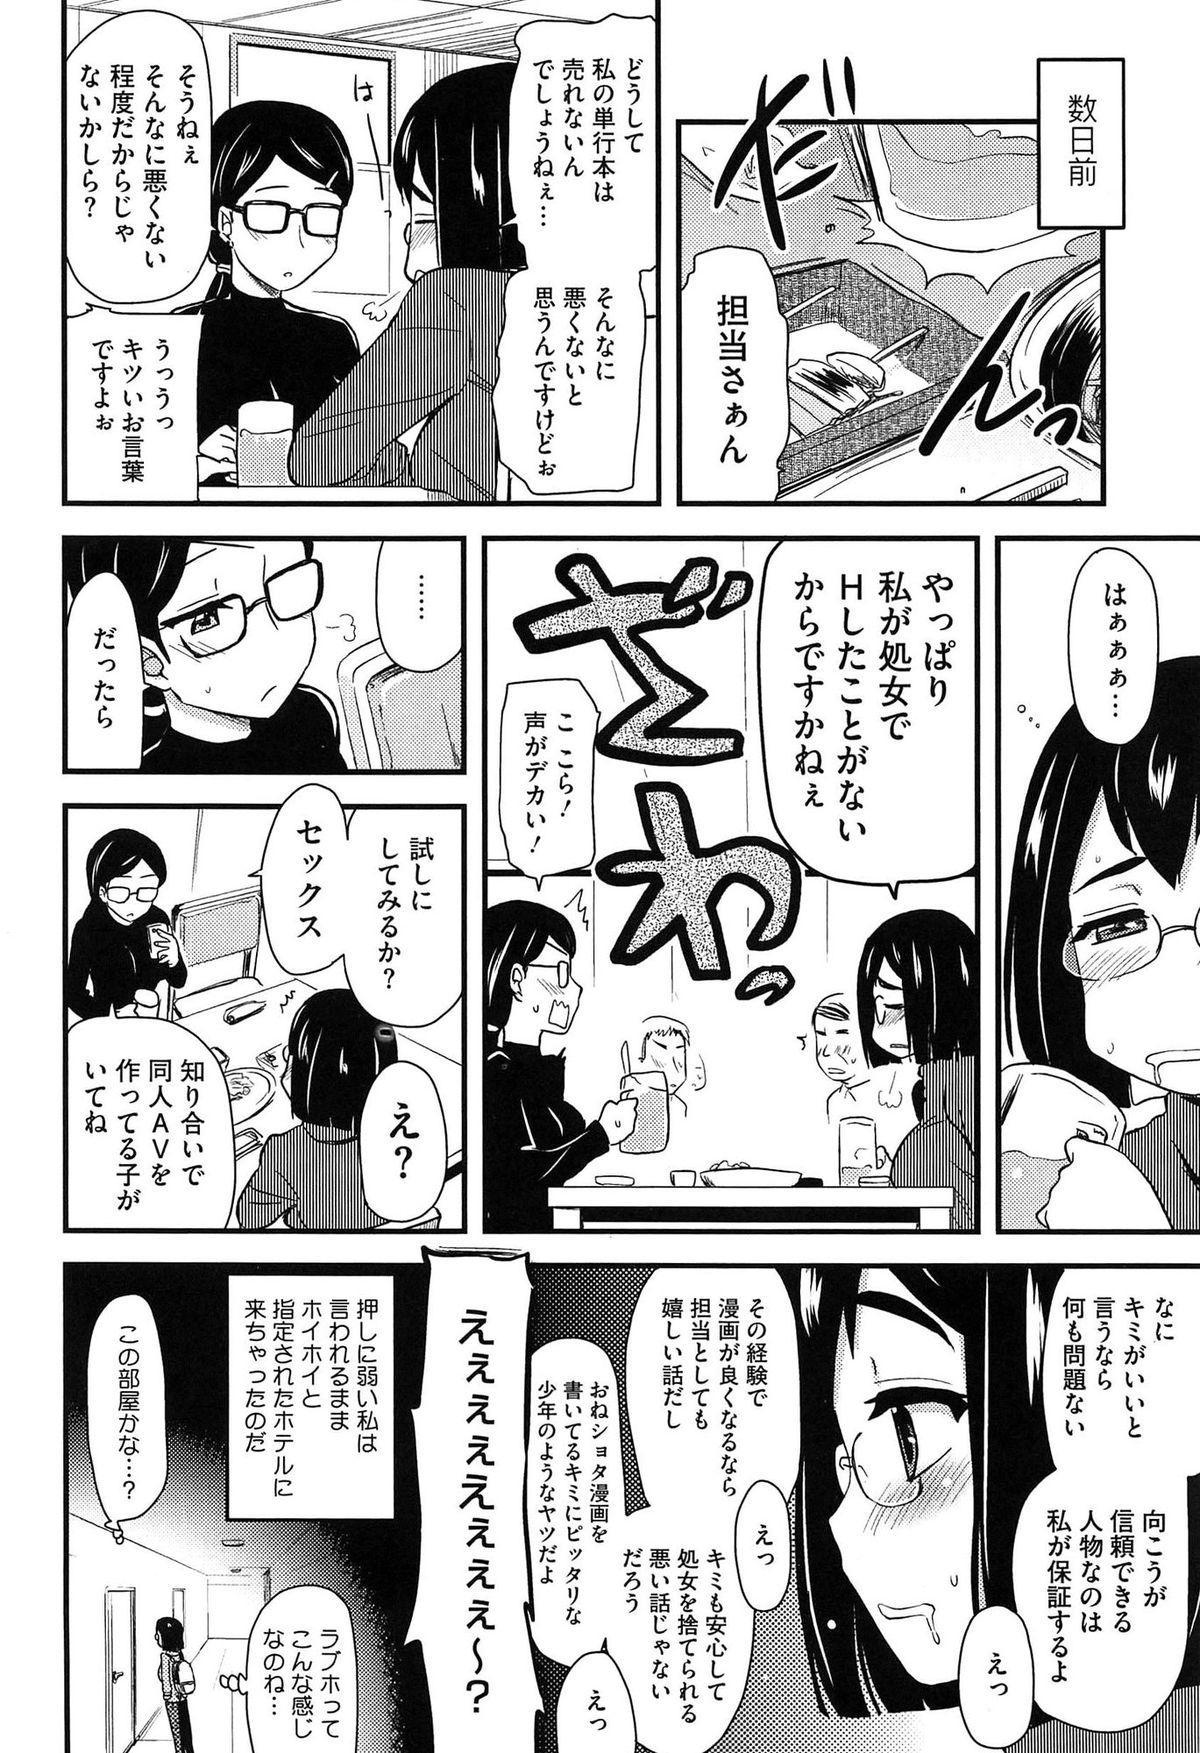 Hotondo no Ane wa H ga Shitai 8